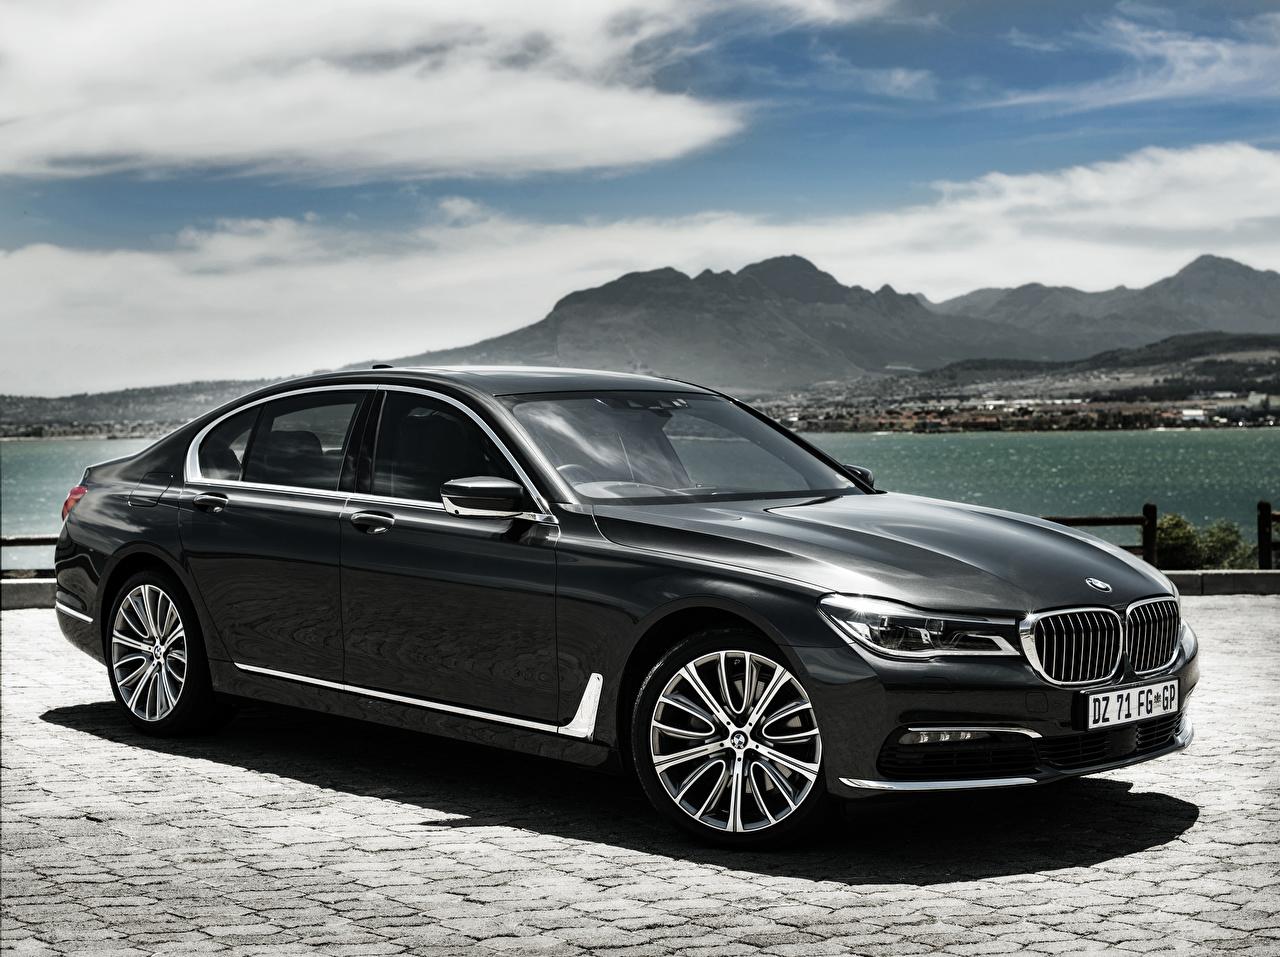 Картинка BMW 7-Series, G11 Седан Черный Автомобили БМВ черная черные черных авто машины машина автомобиль